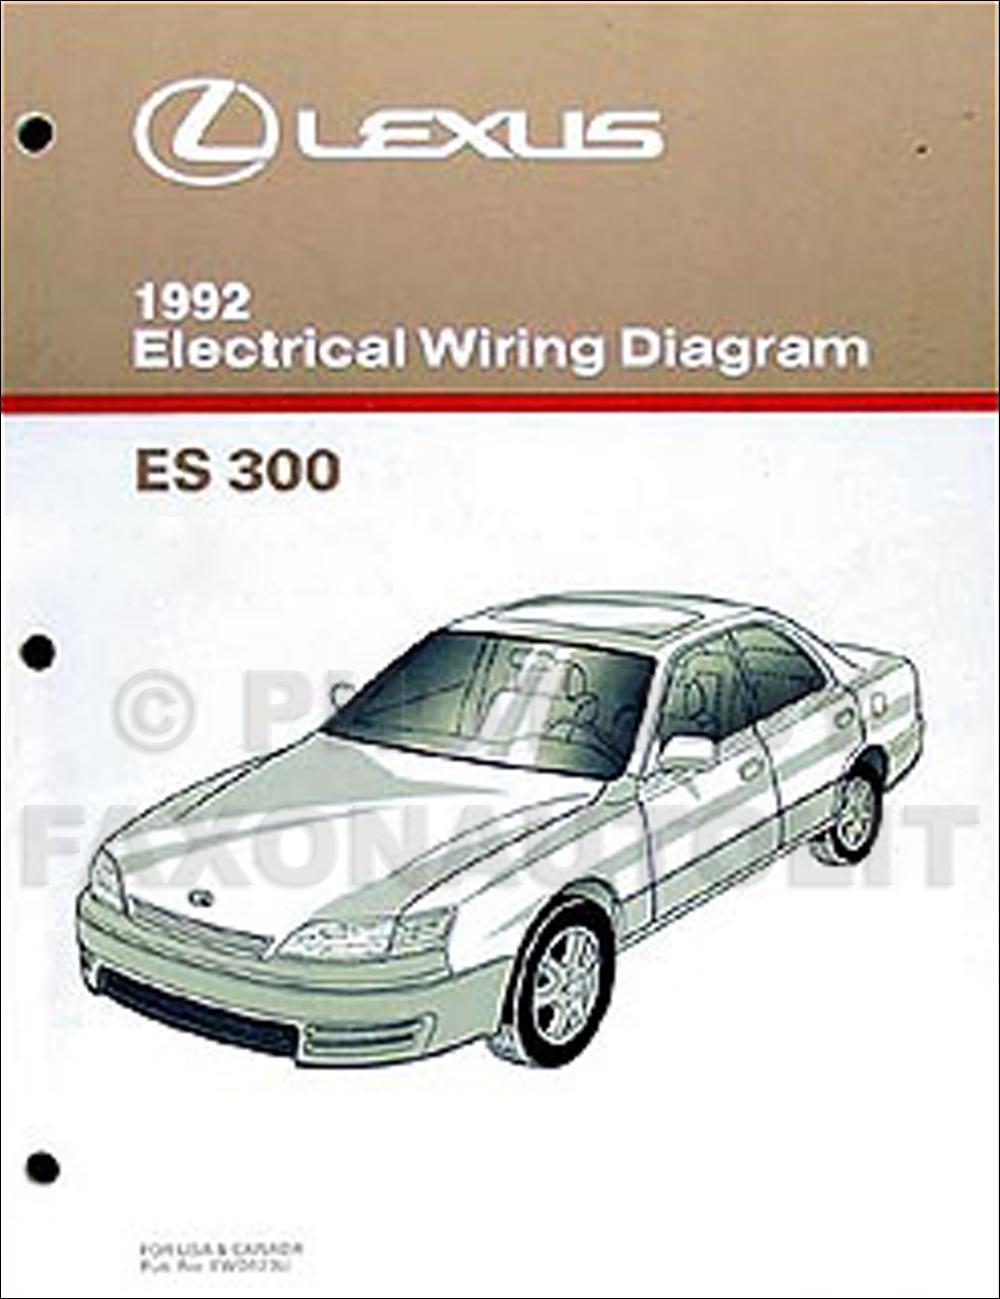 lexus electrical wiring diagram manual lexus image 1992 lexus es 300 wiring diagram lexus image about on lexus electrical wiring diagram